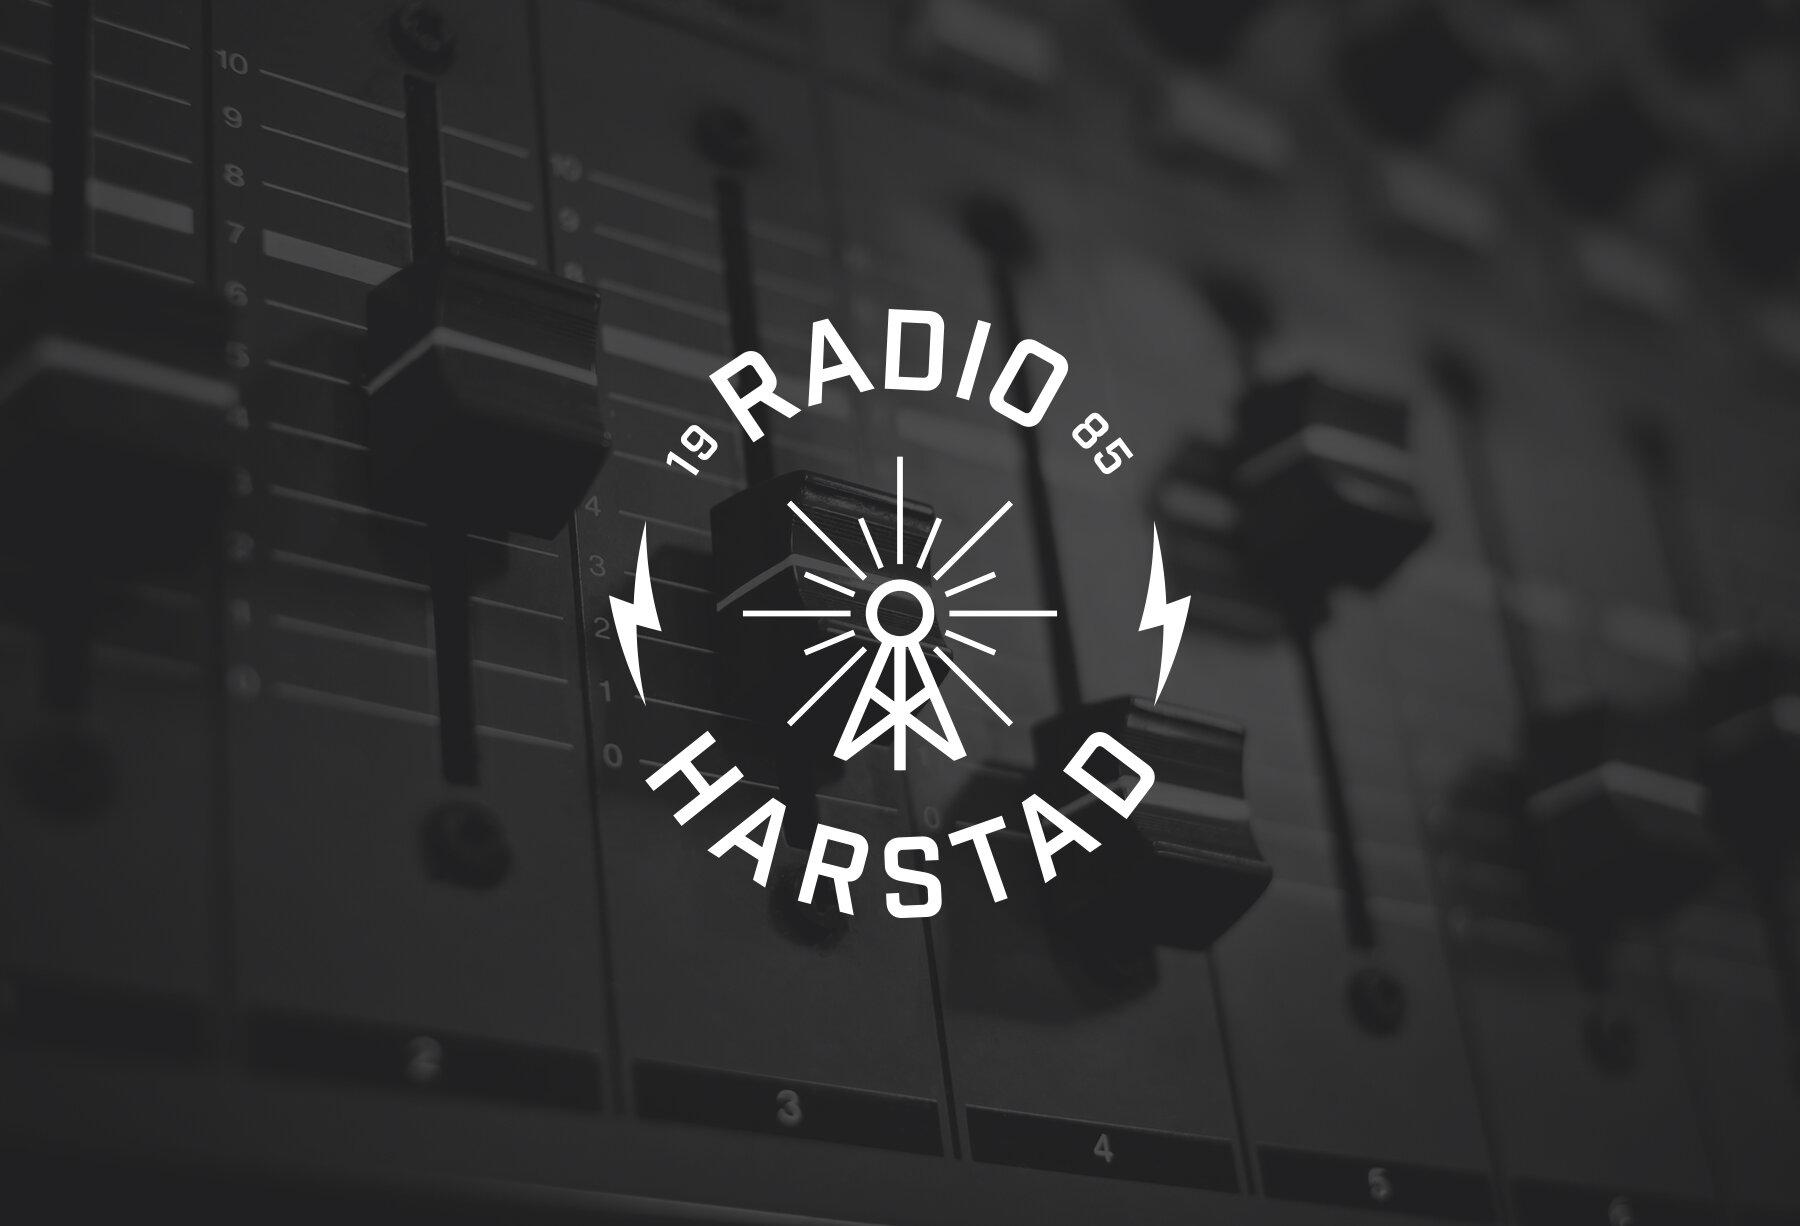 Radio Harstad